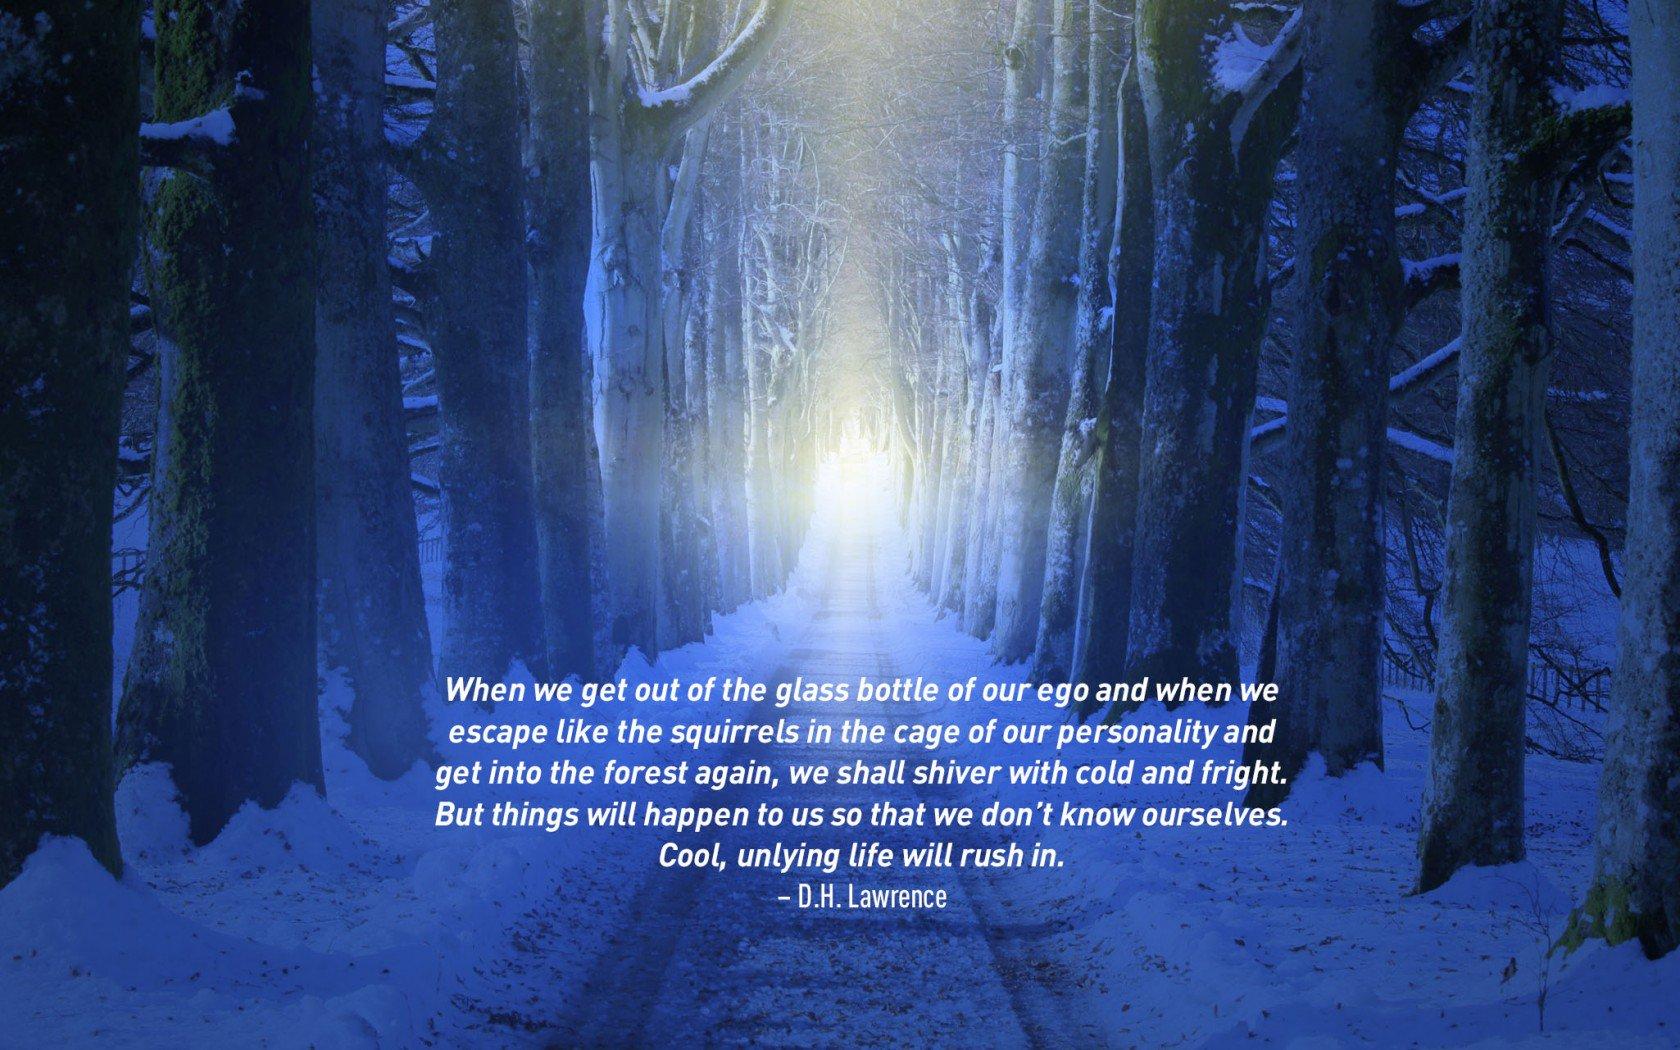 Citation de voyage célèbre de D.H.Lawrence. Chemin isolé à travers une forêt enneigée.